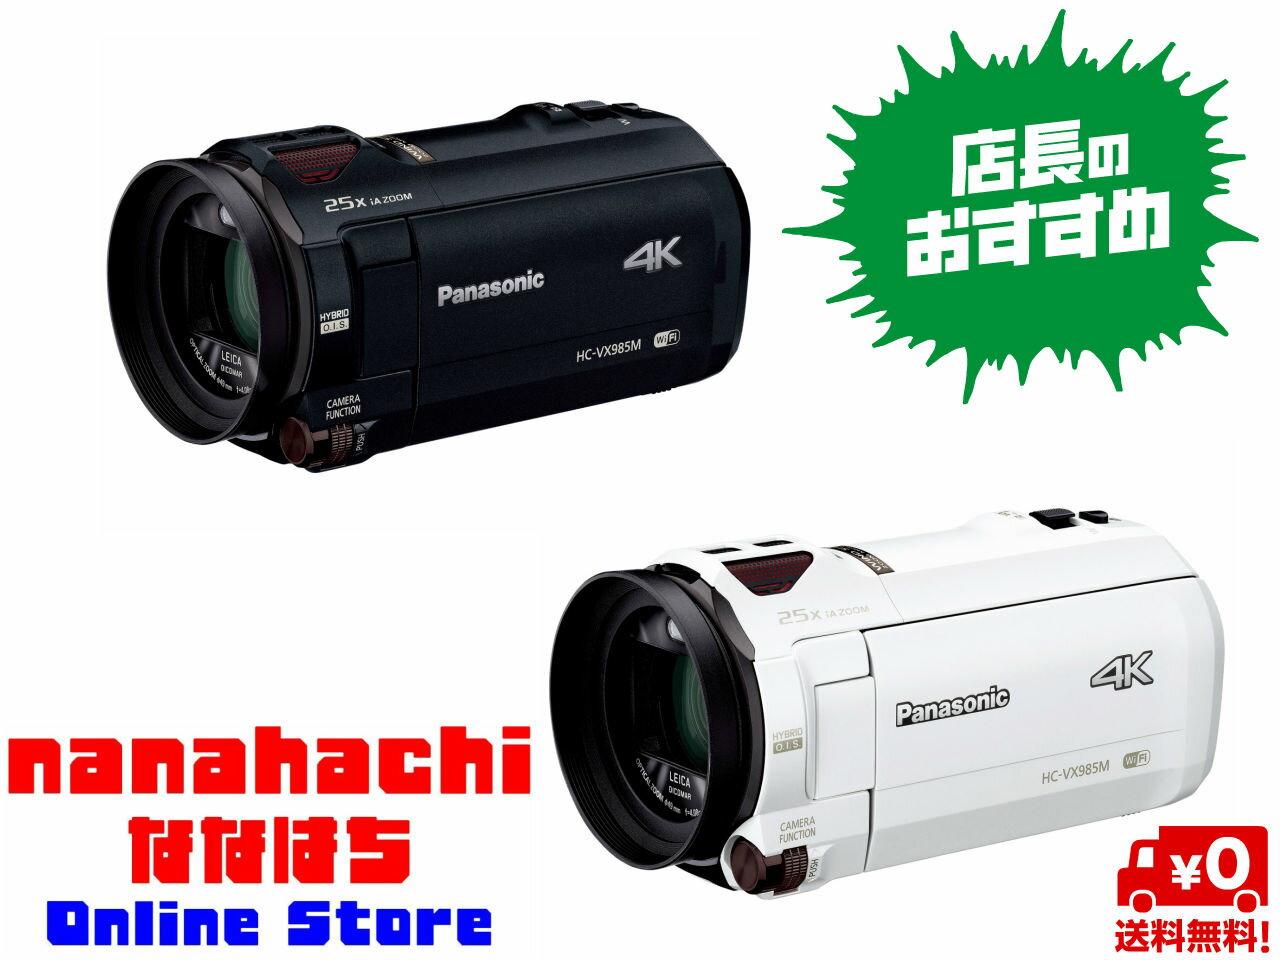 Panasonic HC-VX985M デジタル4Kビデオカメラ VX985M■4K高画質の美しさをより気軽に楽しく■高倍率な4Kズームで、高画質なハイズーム撮影を実現■ライカ高性能レンズで、さらに鮮やかな4K撮影が可能HC-VX985 ブラック ホワイト【送料無料】